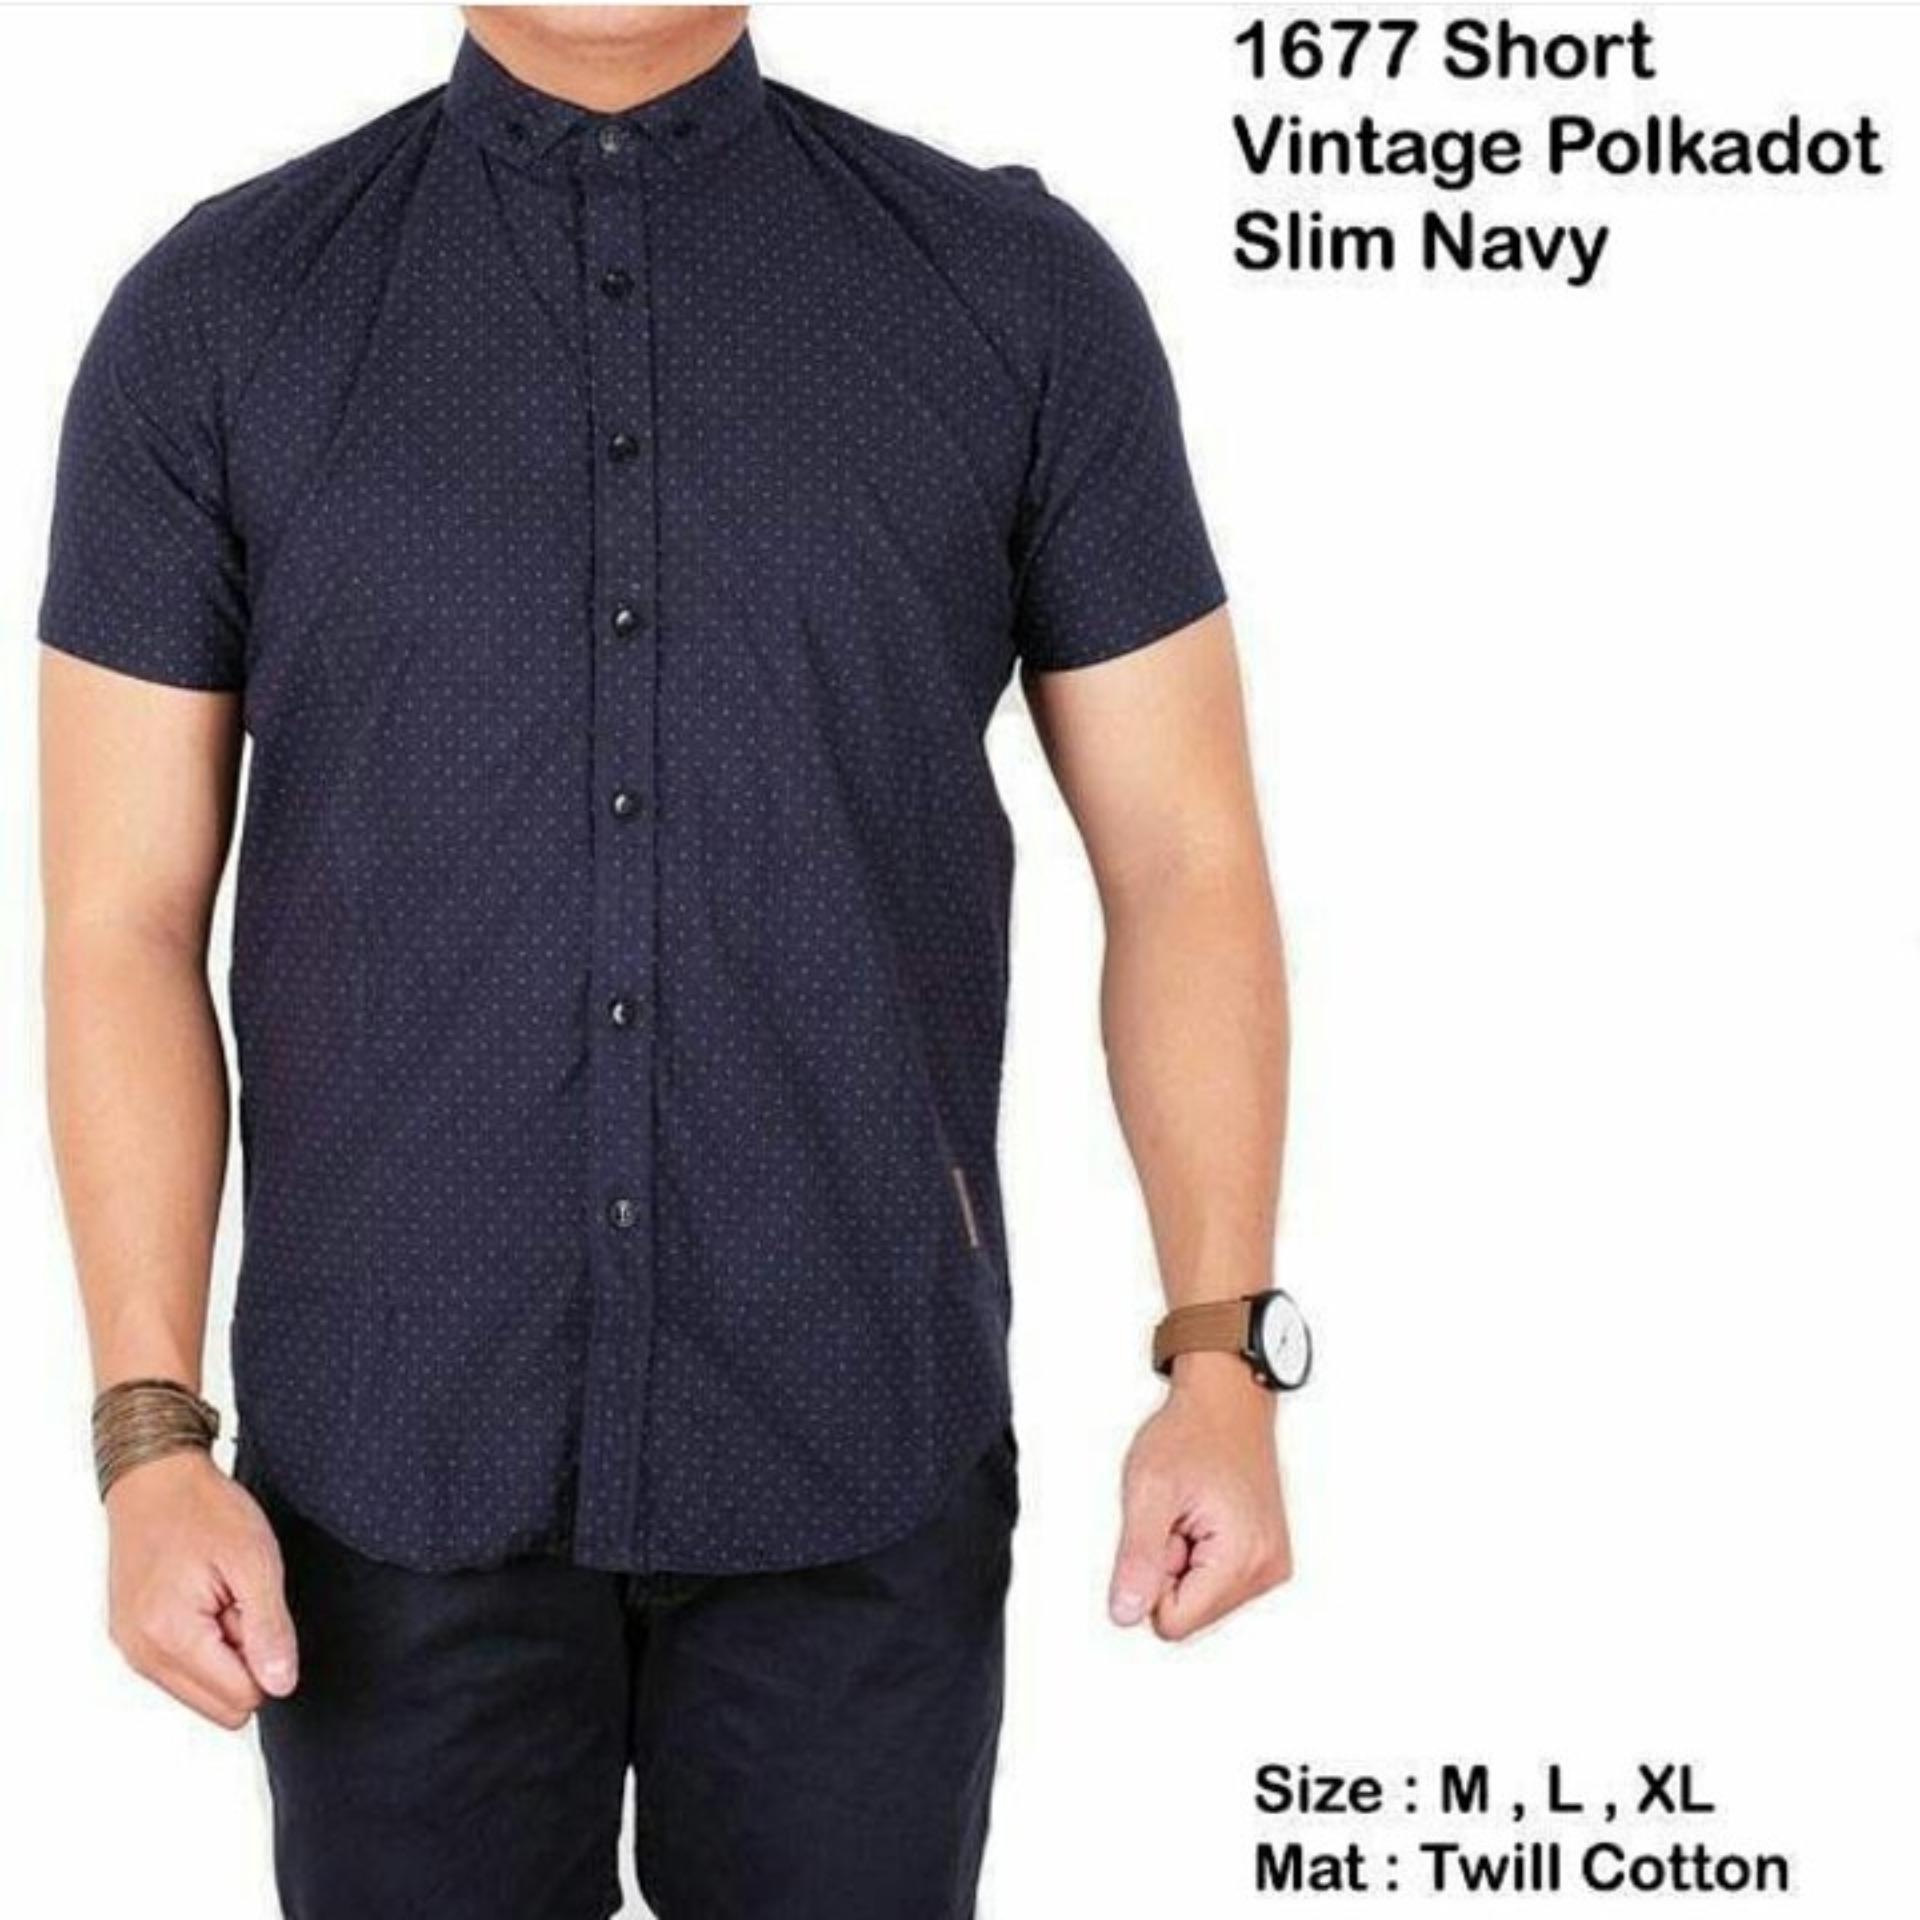 Bajuku Murah Short Simple Black Batik 5129 Daftar Harga Terbaru Source bajuku murah short vintage polkadot